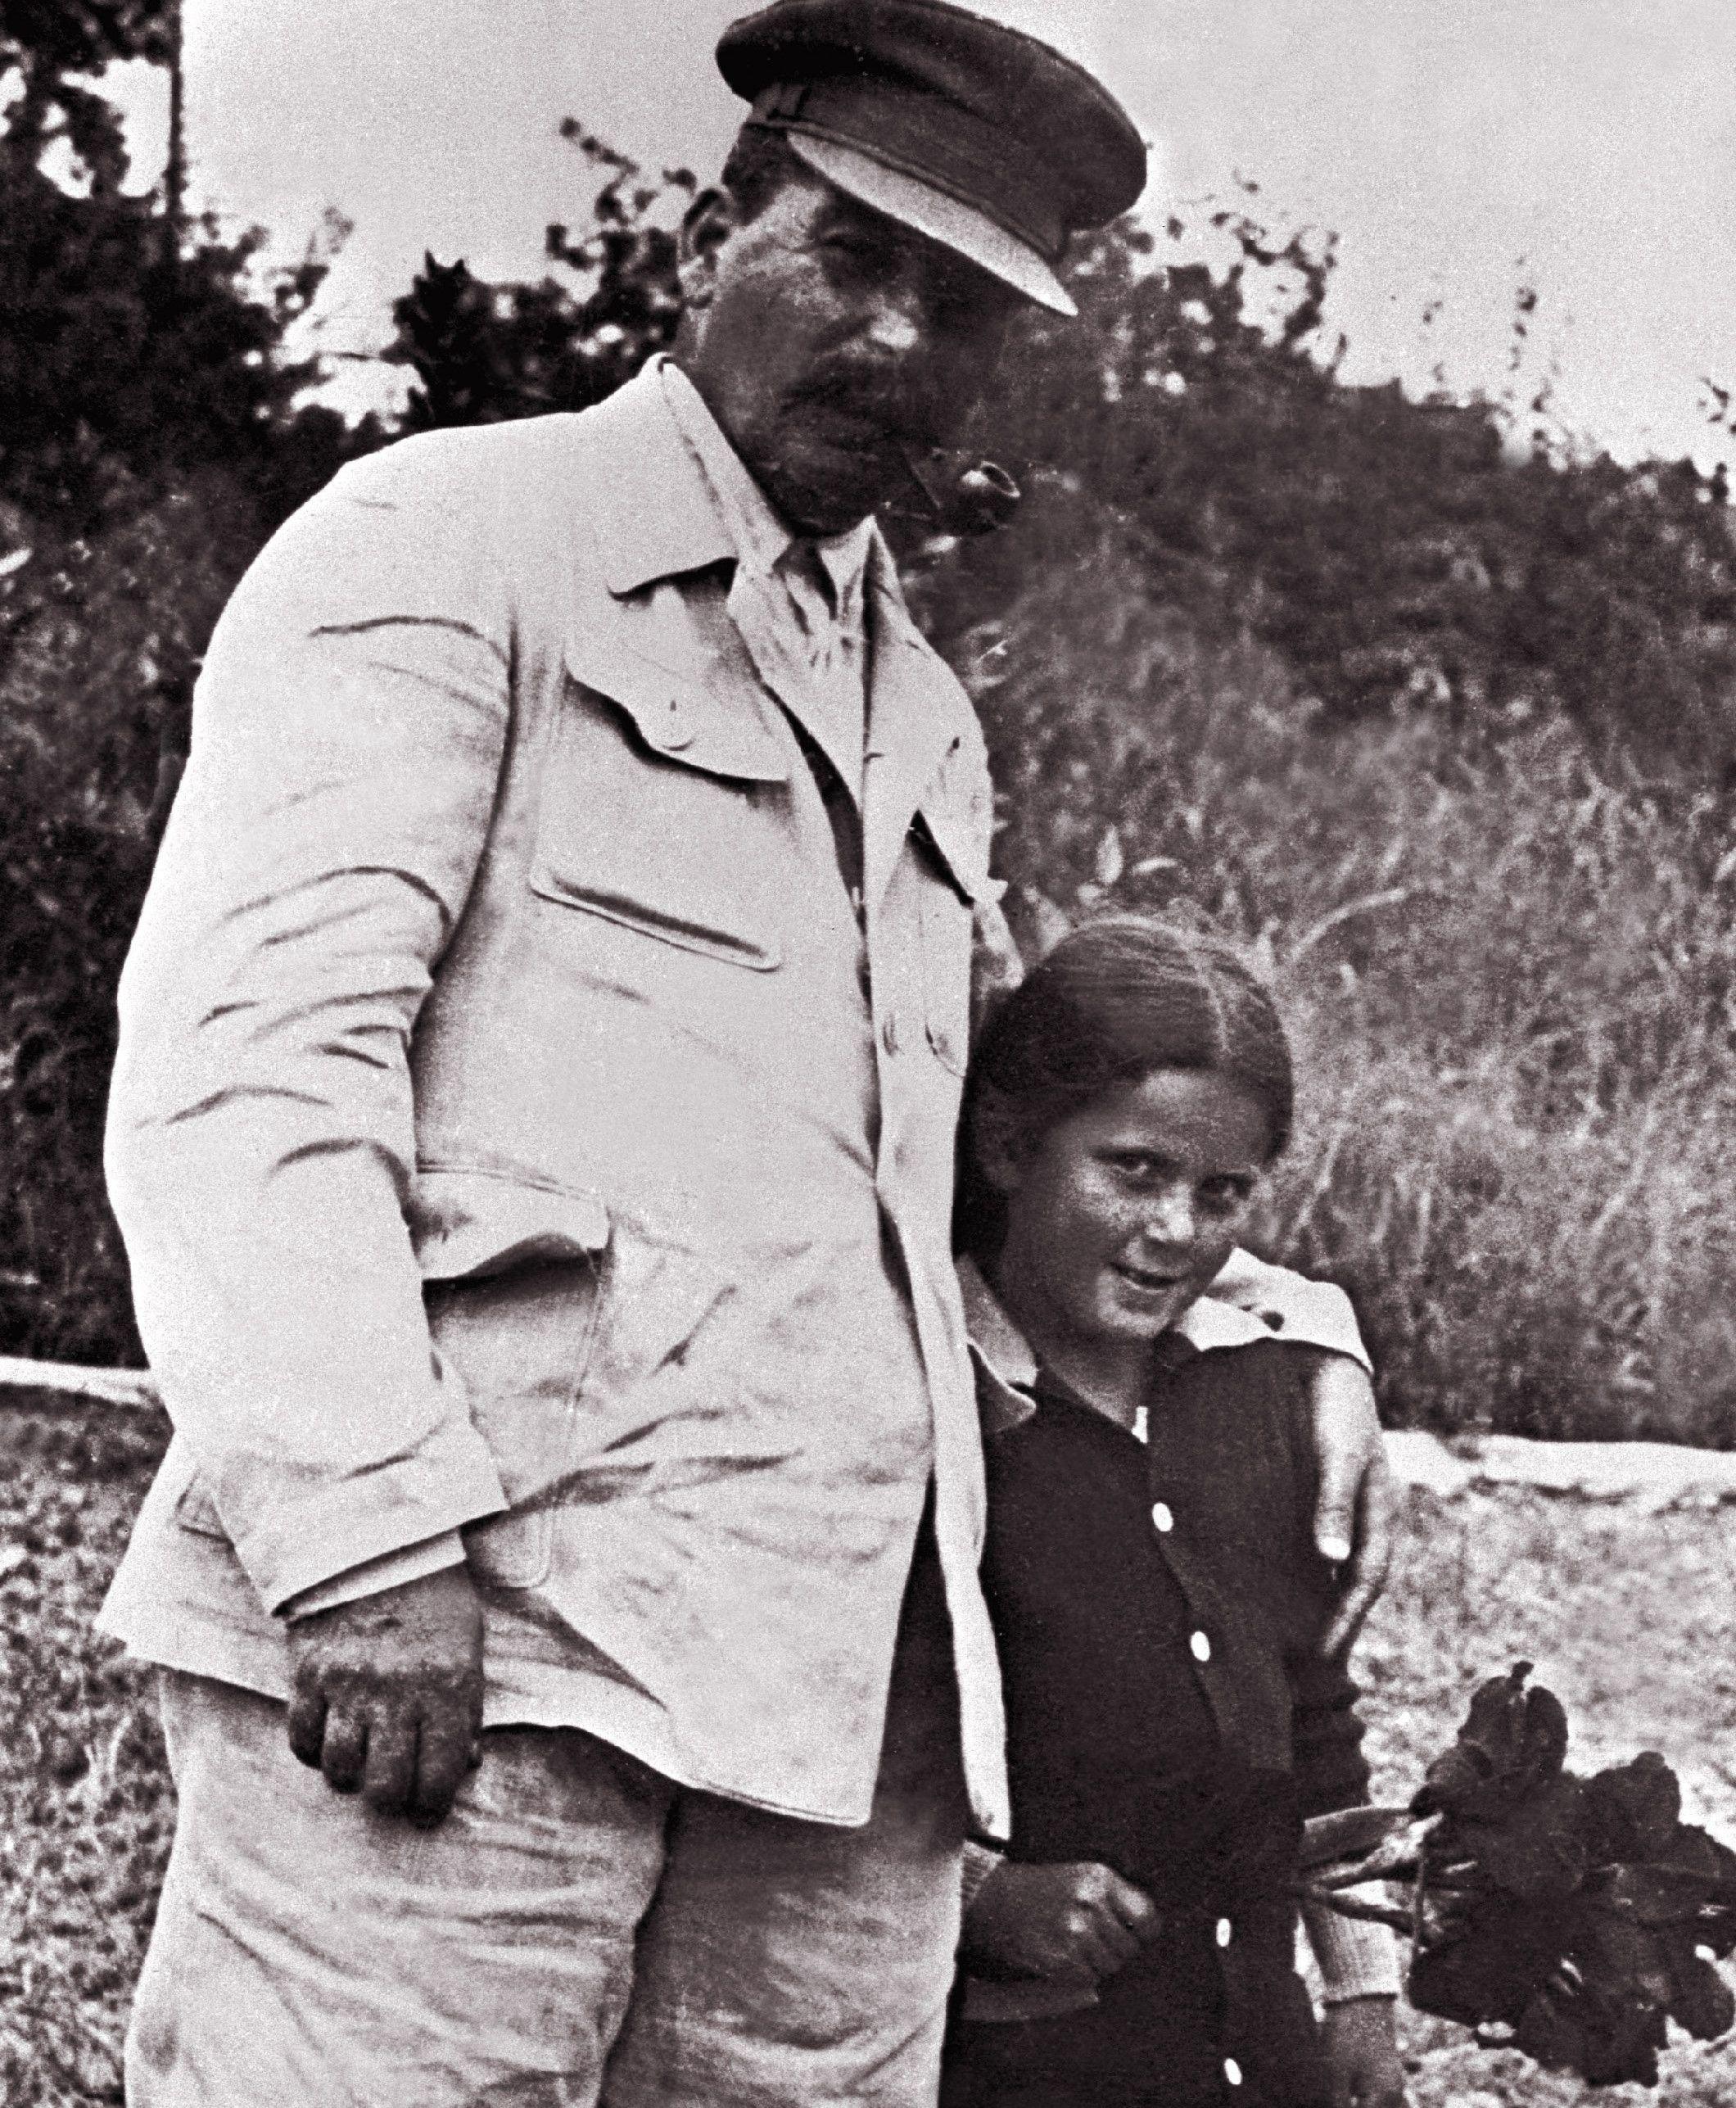 """Wróbelek i papoczka na spacerze. Zdjęcie, wykonane w 1933 roku, pochodzi z materiałów promocyjnych książki Rosemary Sullivan pod tytułem """"Córka Stalina"""", wydanej przez Znak Horyzont (źródło:EAST NEWS/LASKI DIFFUSION)."""